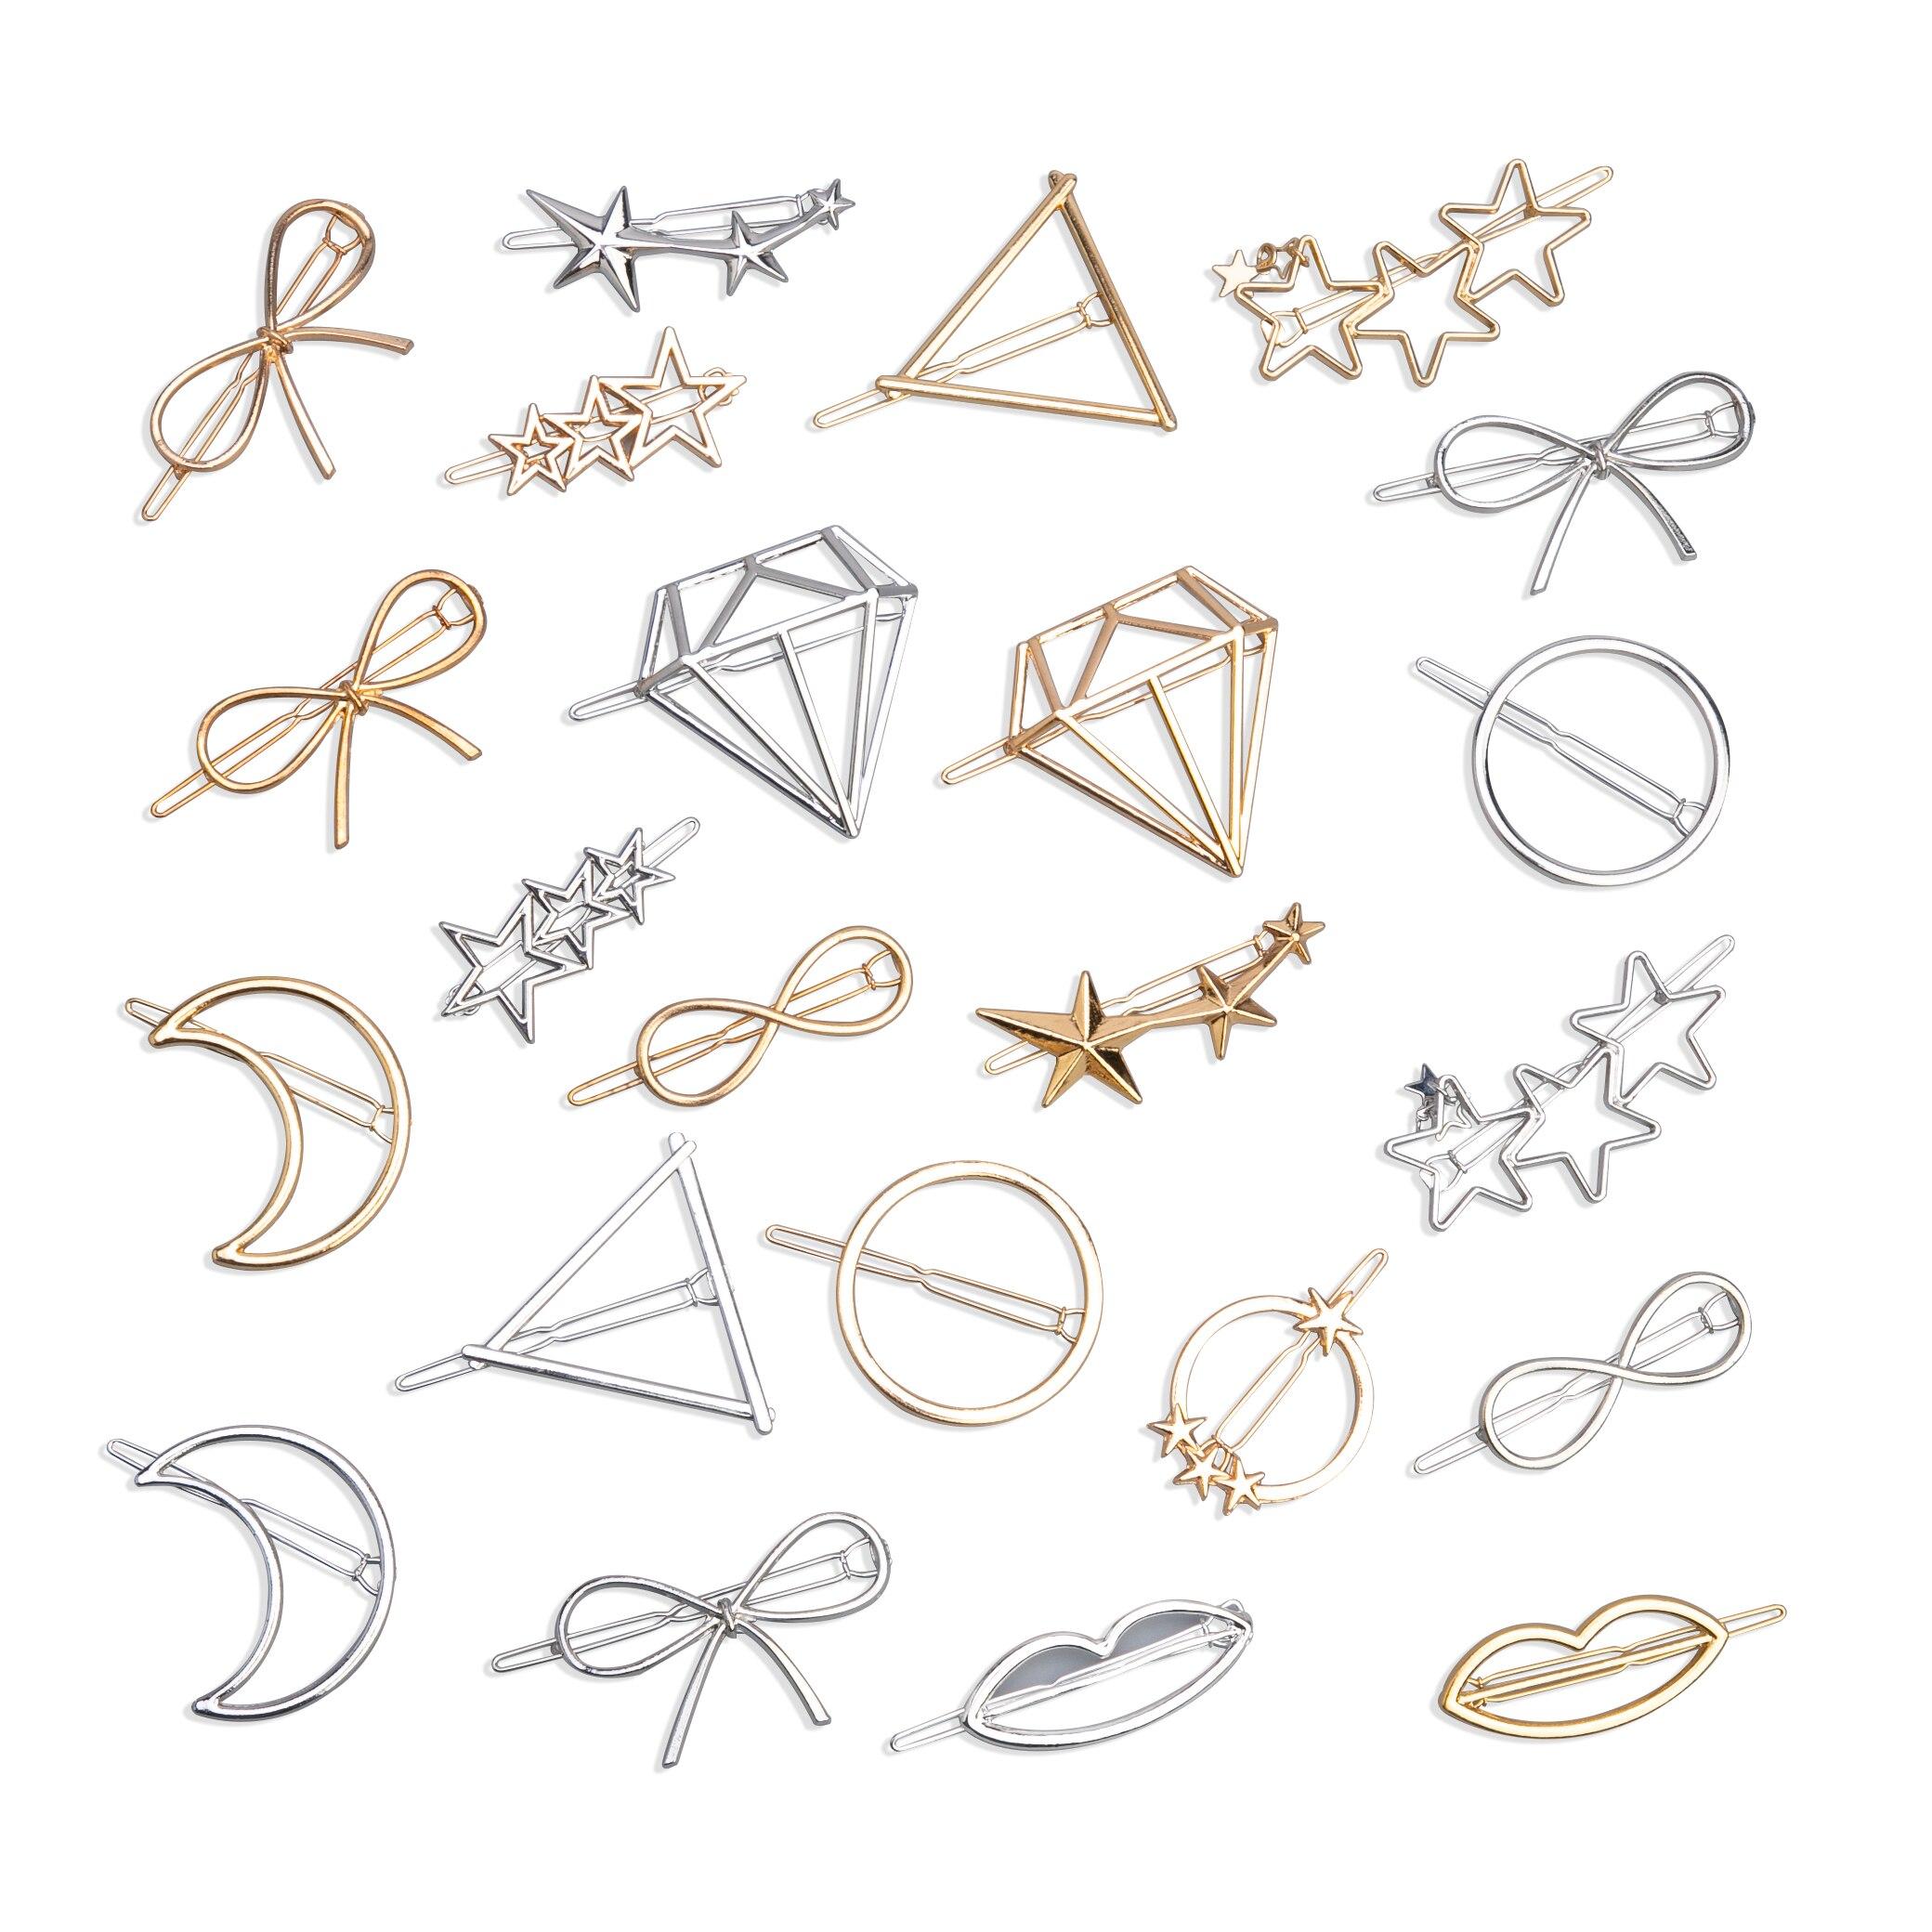 2Pcs Mode Hohl Geometrische Haar Clip für Frauen Elegante Dreieckige Mond Sterne Kreis Metall Haarspange Haarnadel Kopf Zubehör